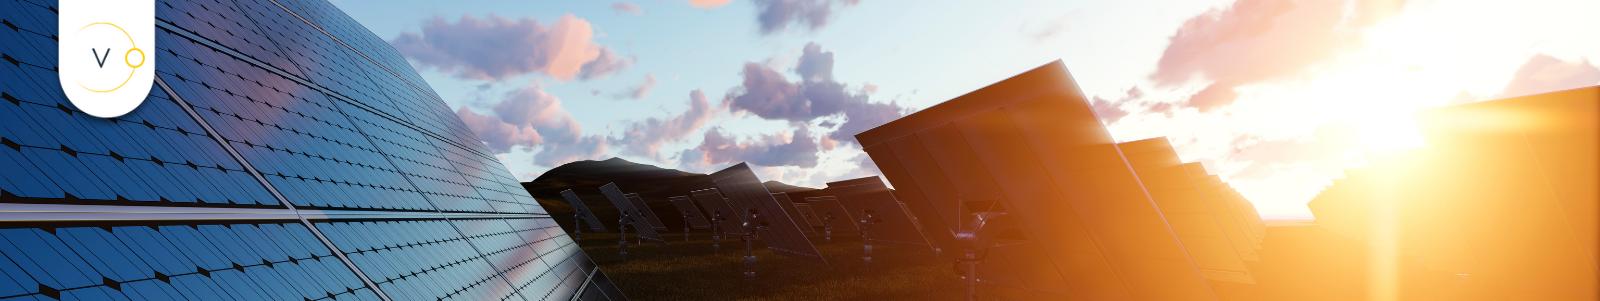 VE-energia ze słońca-moduły fotowoltaiczne